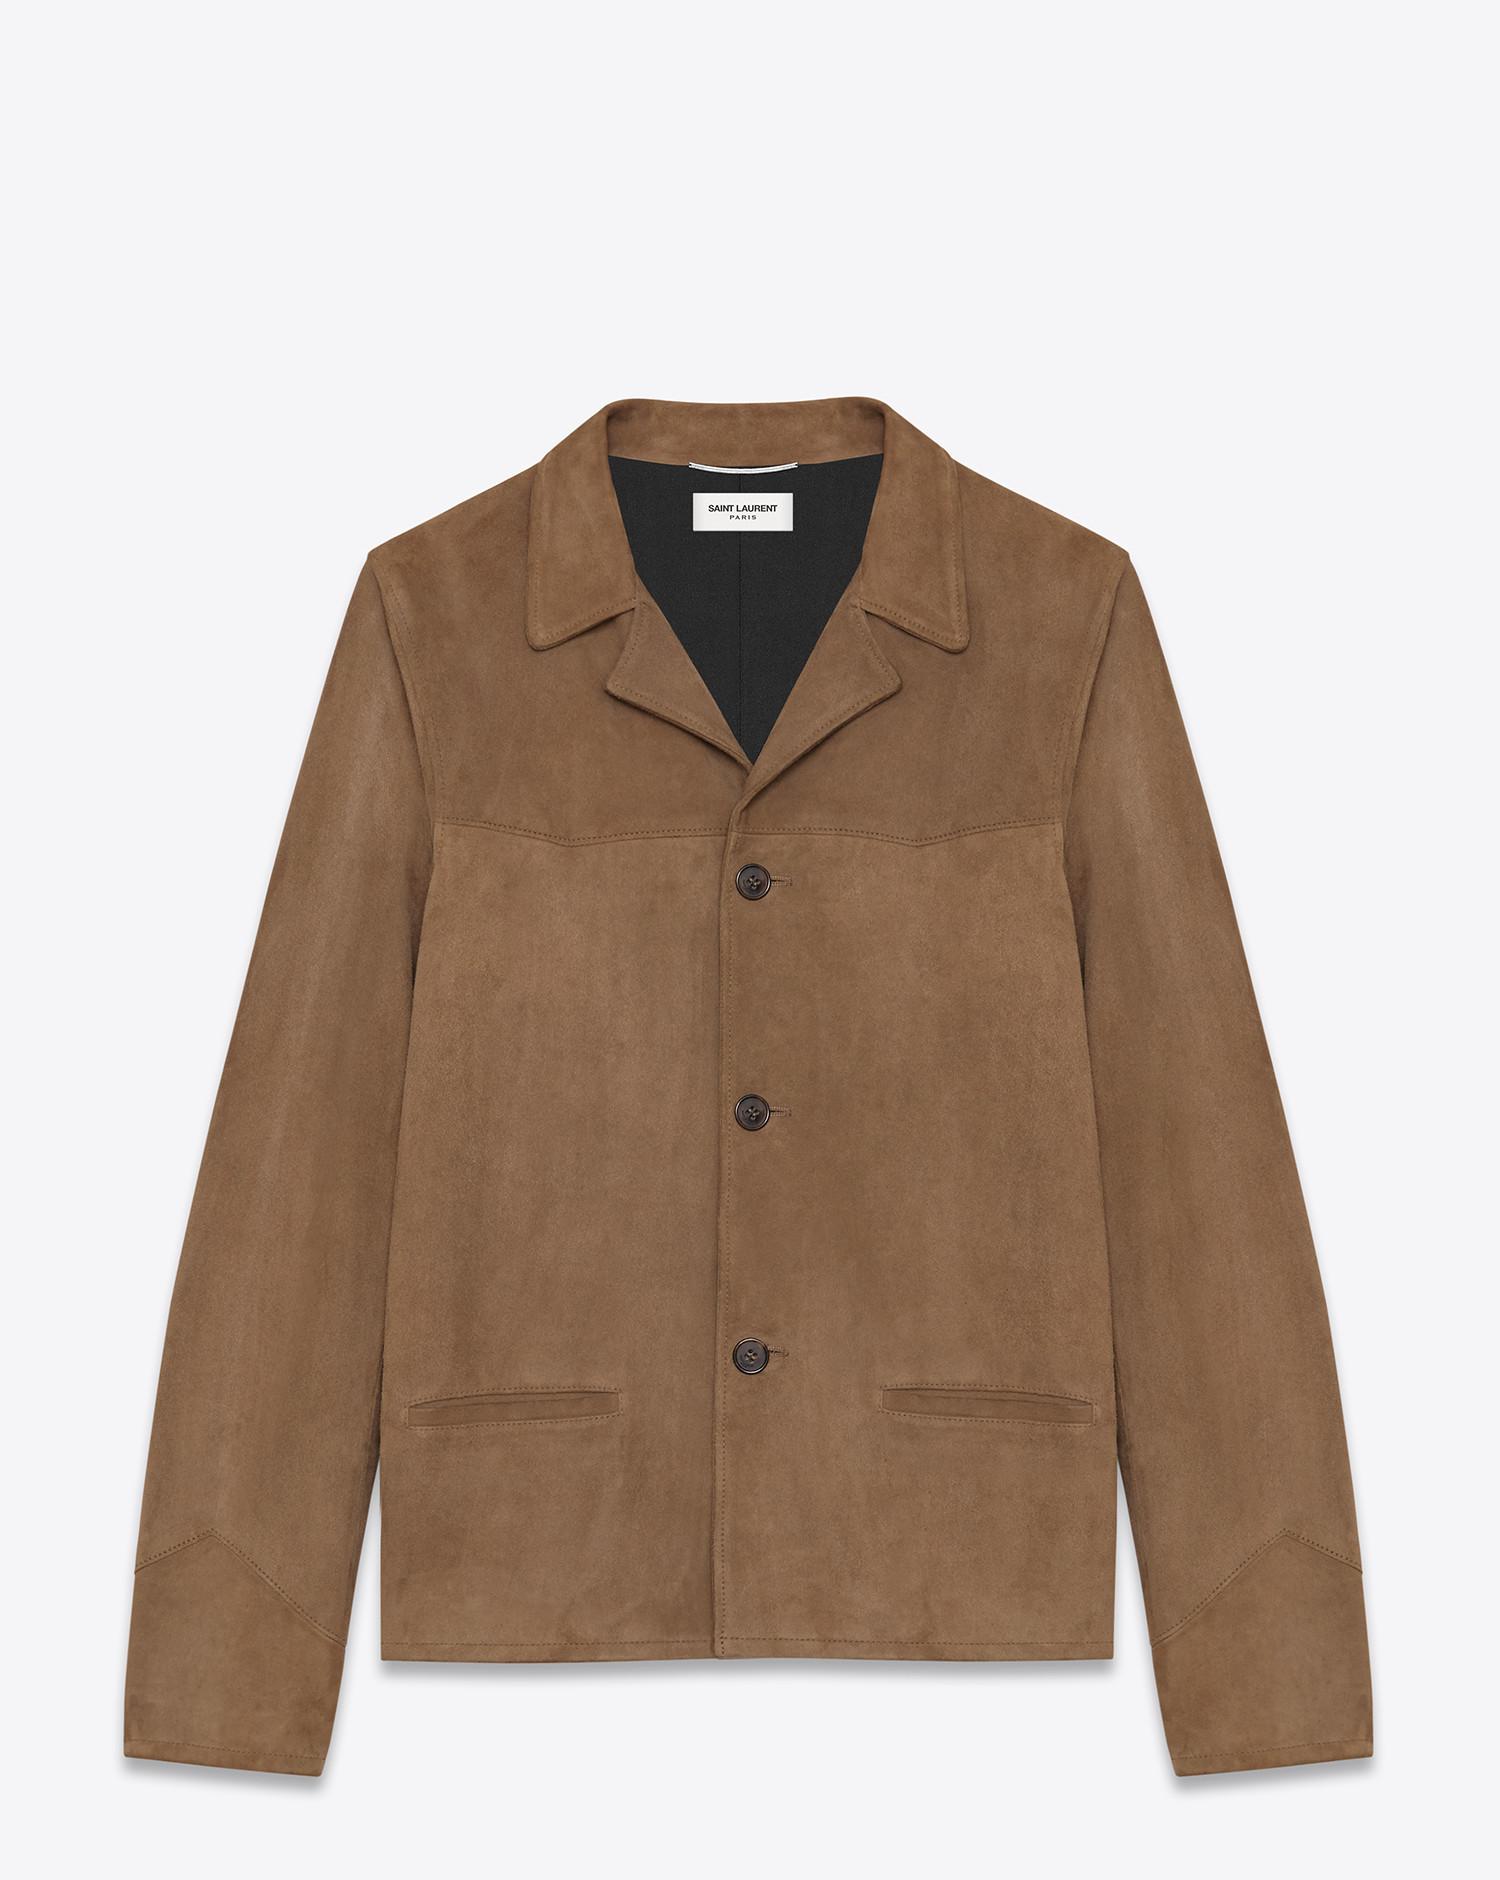 saint-laurent-classic-western-suede-jacket